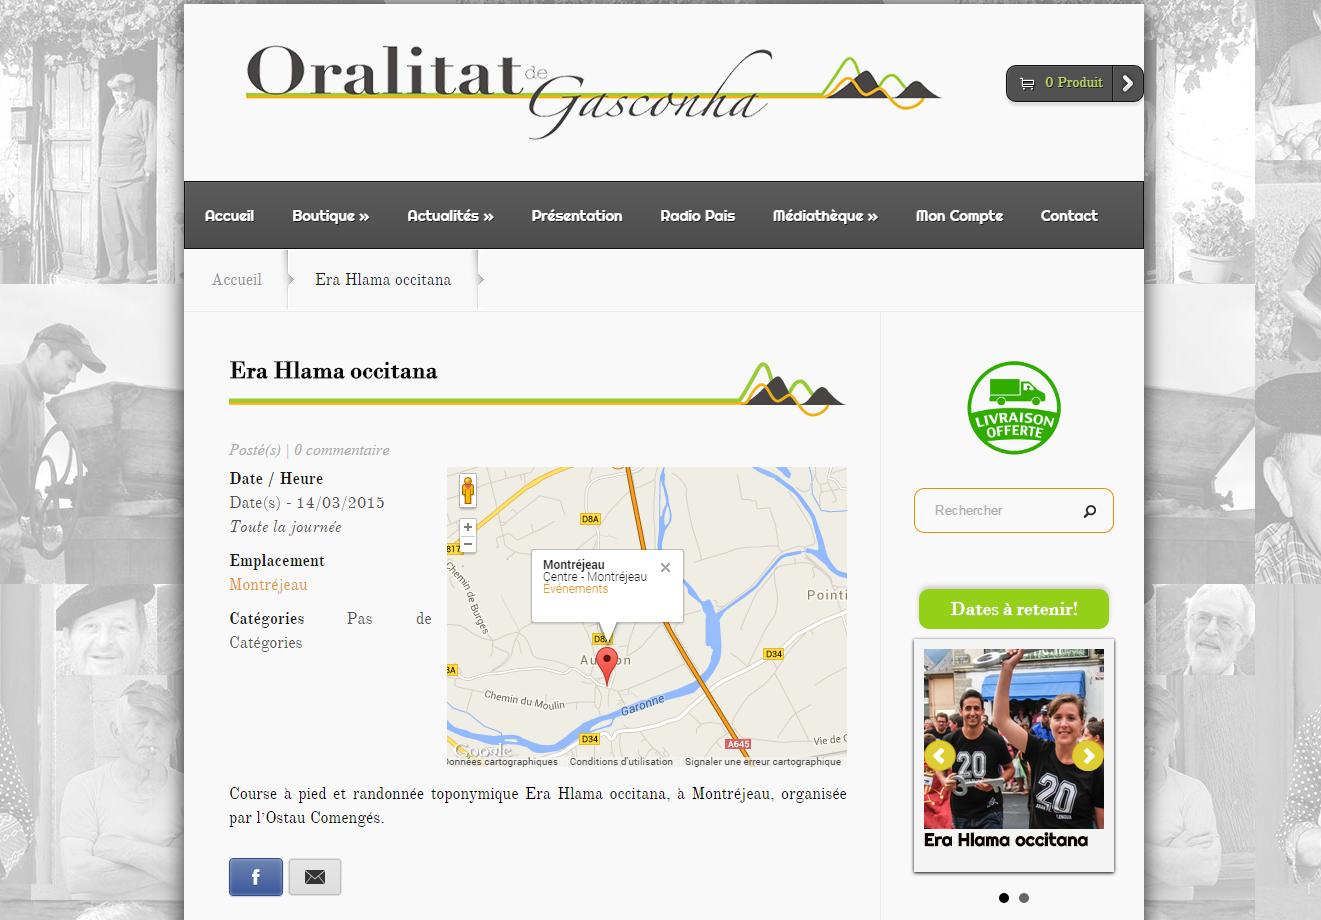 Boutique en ligne oralitat de gasconha a votre id e for Site de jardinerie en ligne